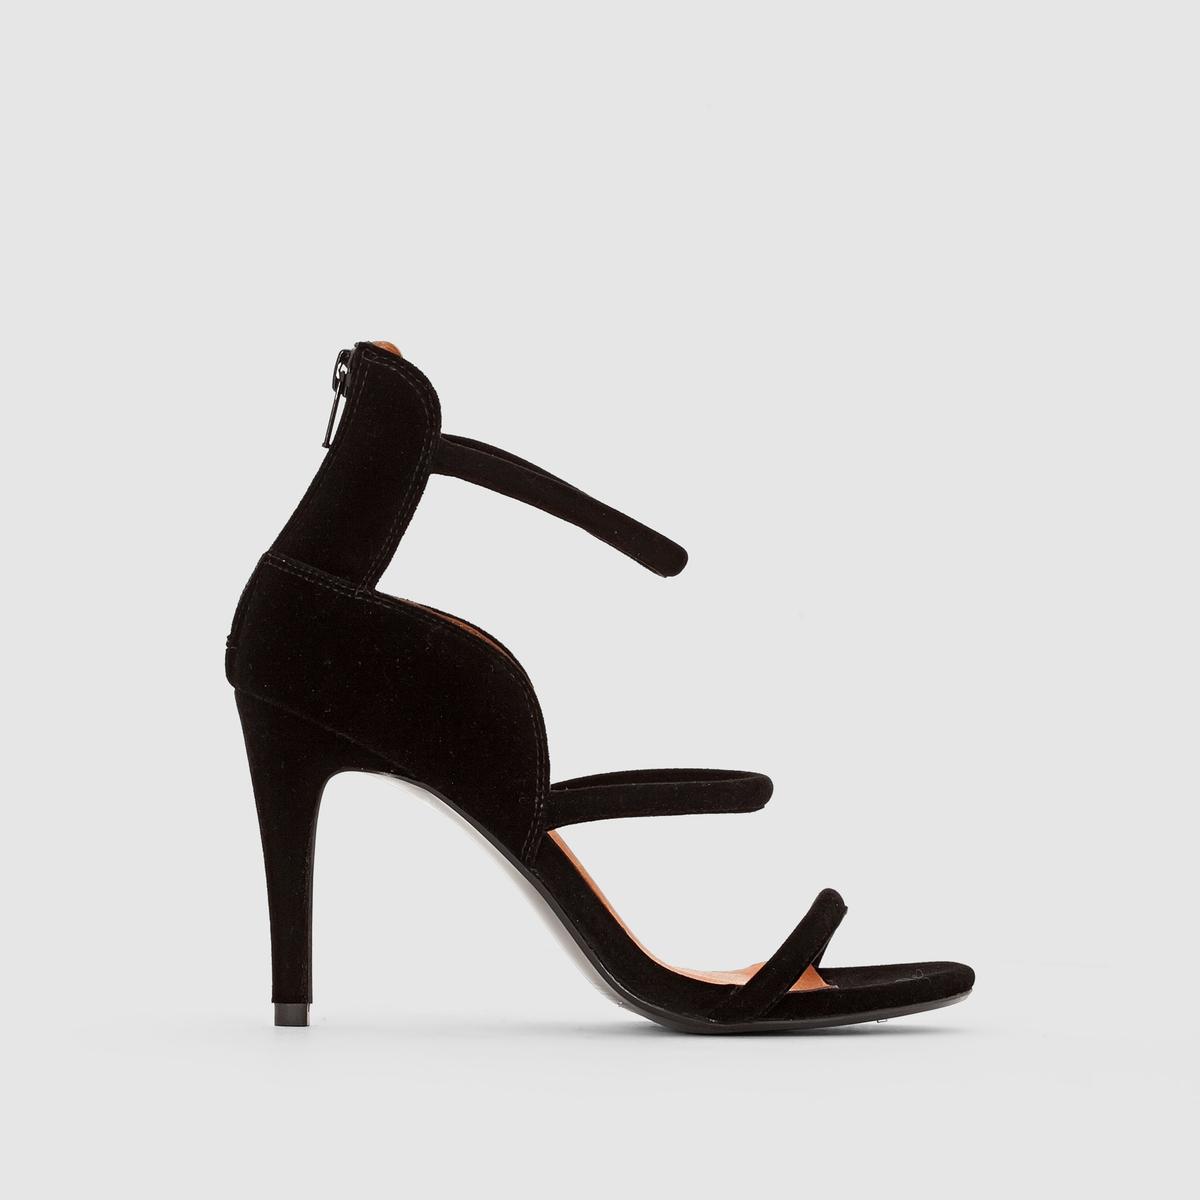 Босоножки велюровые на высоком каблукеПреимущества : оригинальные велюровые босоножки на каблуке с застежкой на пятке и тонкими ремешками.<br><br>Цвет: черный<br>Размер: 37.41.36